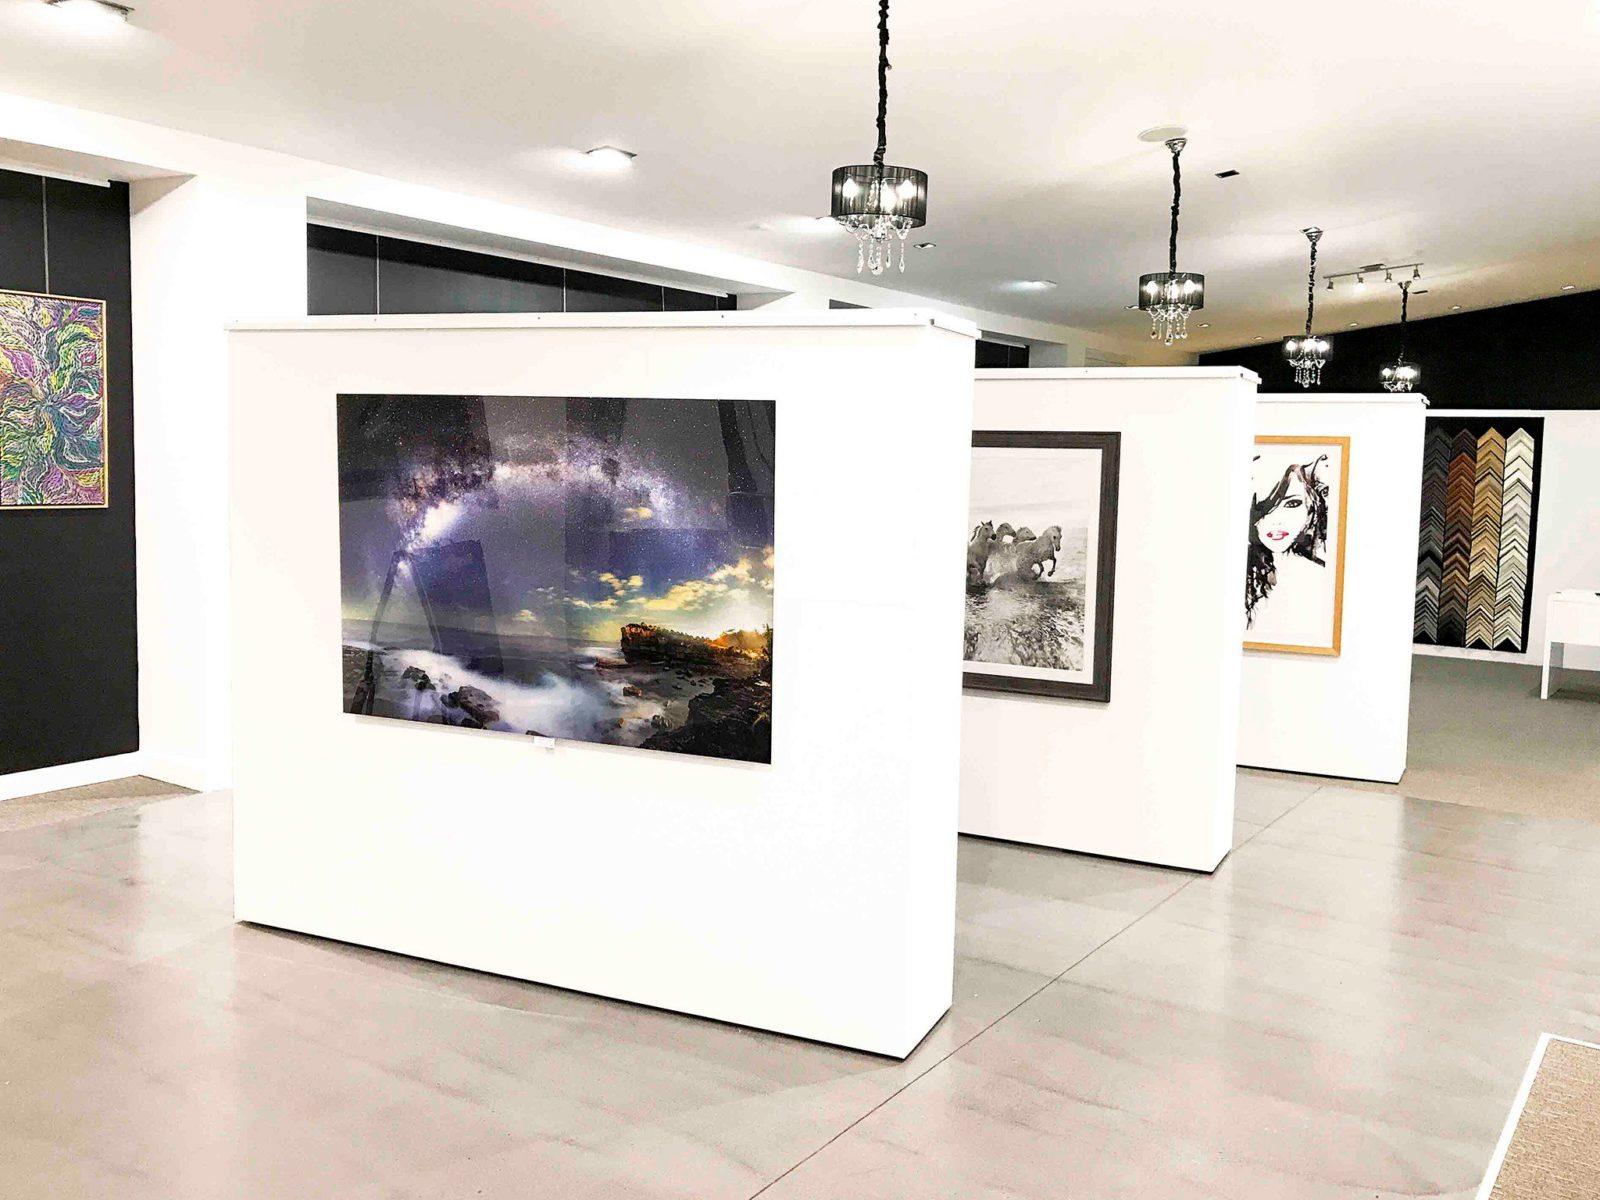 Deluxe Art Gallery